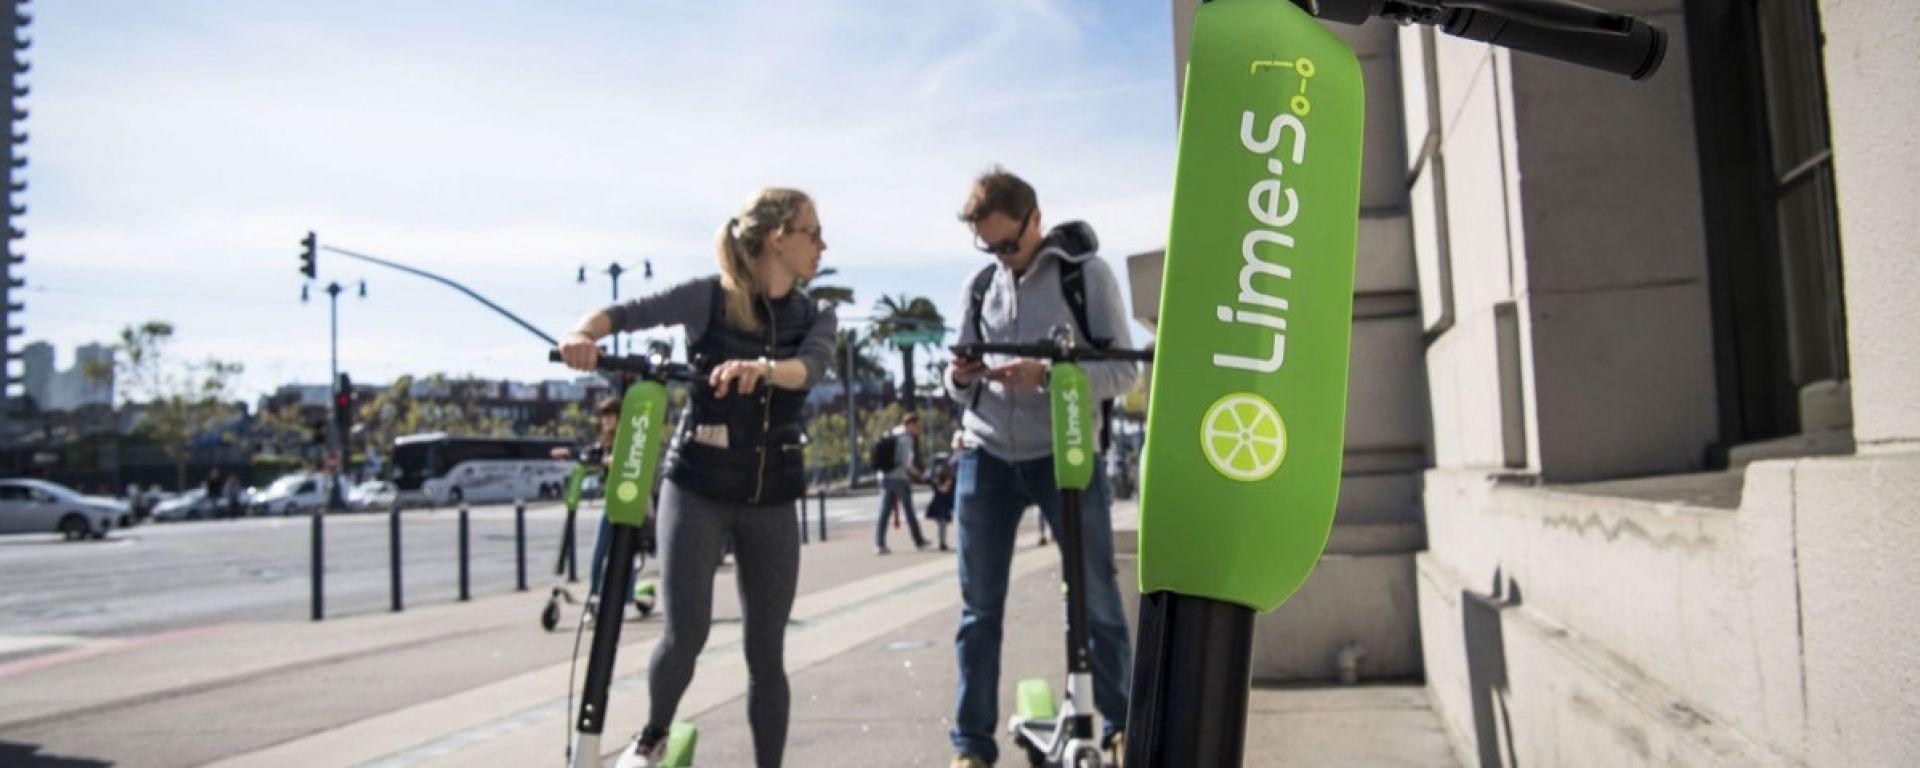 Limepass, l'abbonamento settimanale per i monopattini elettrici di Lime